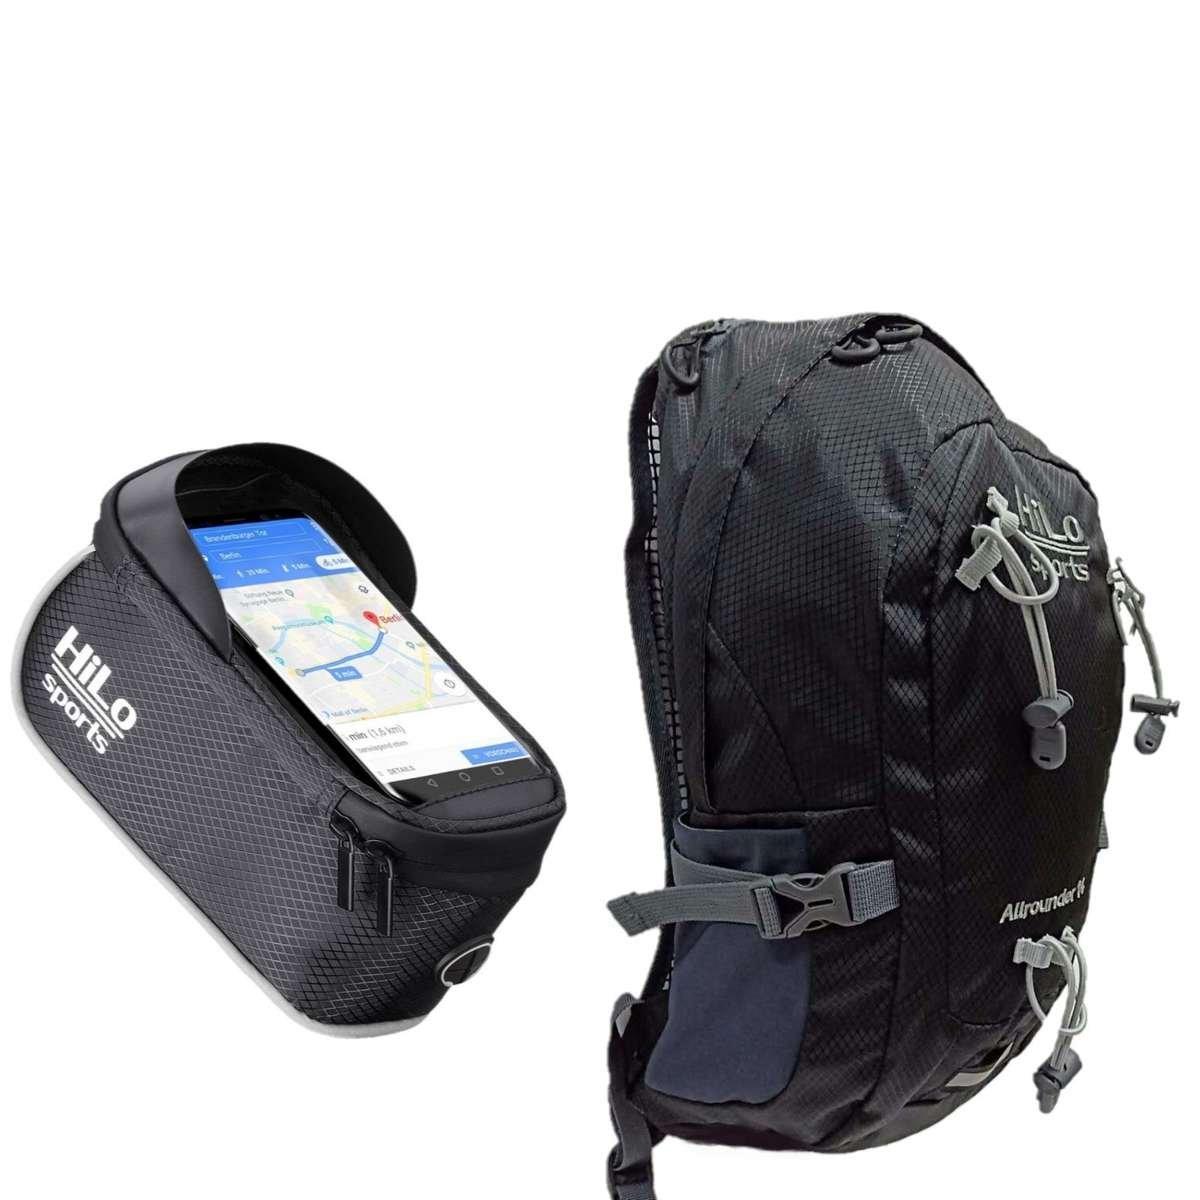 Fahrrad Rucksäcke und Taschen von HiLo sports kaufen. Top Angebote bei uns im online Shop.